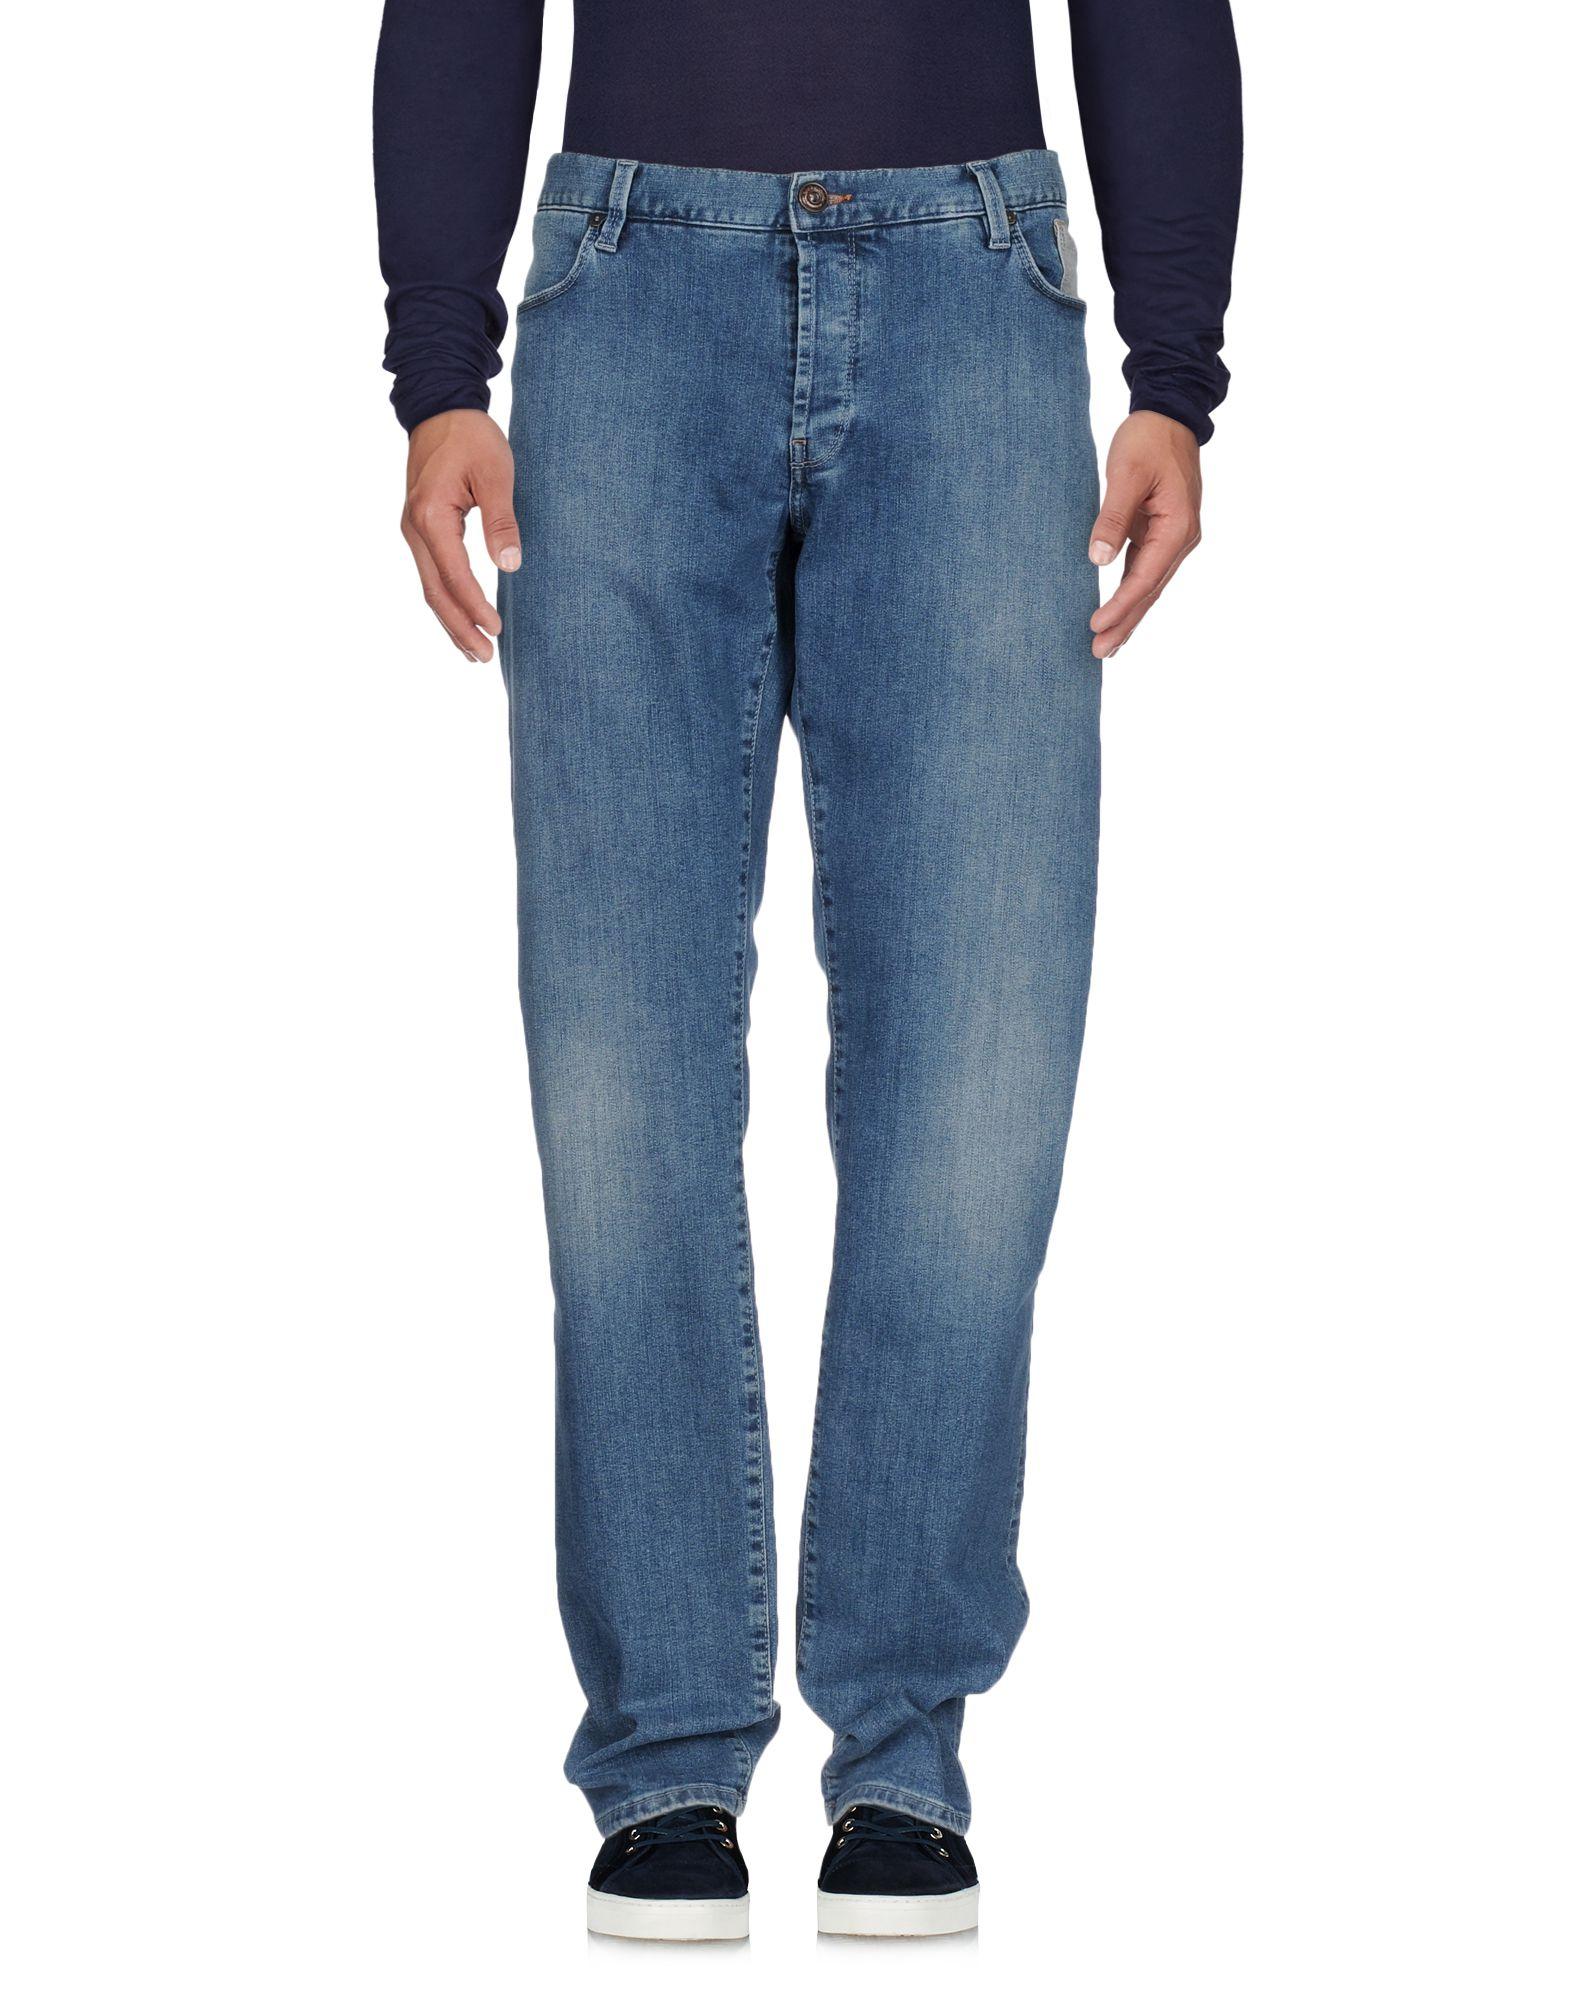 Pantaloni Jeans Jeckerson Donna - Acquista online su